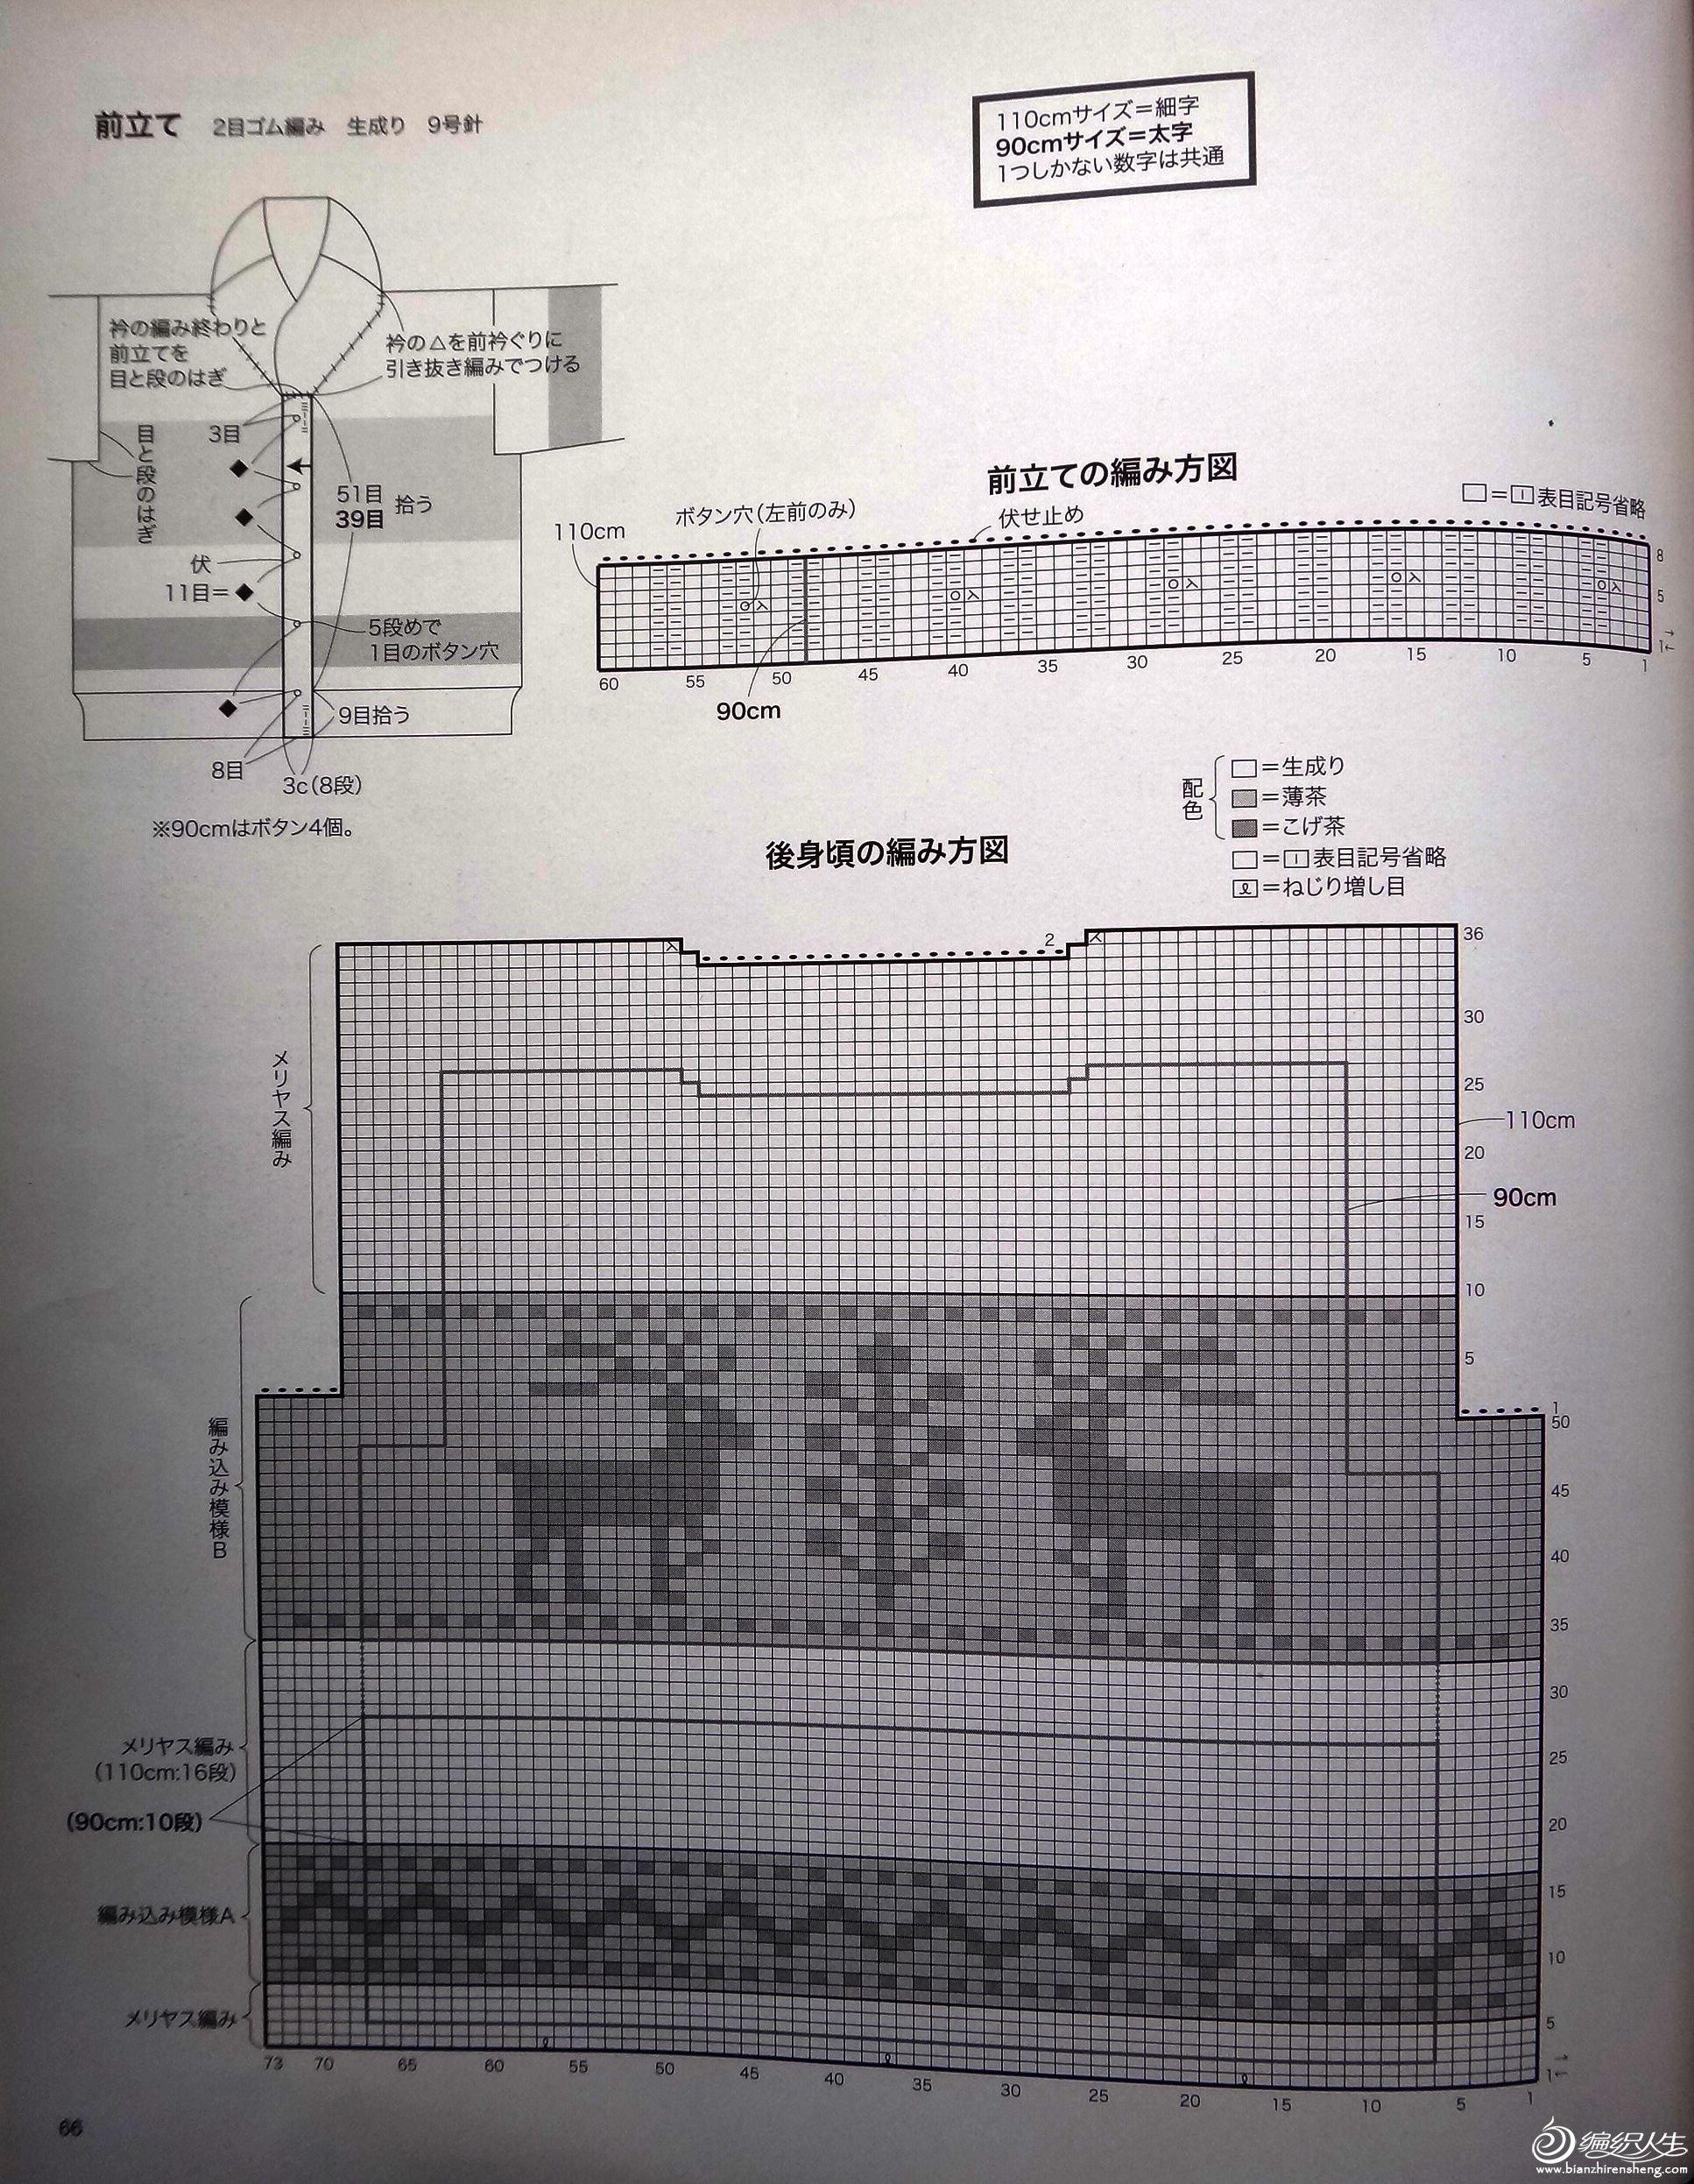 宠爱图解 (4).JPG